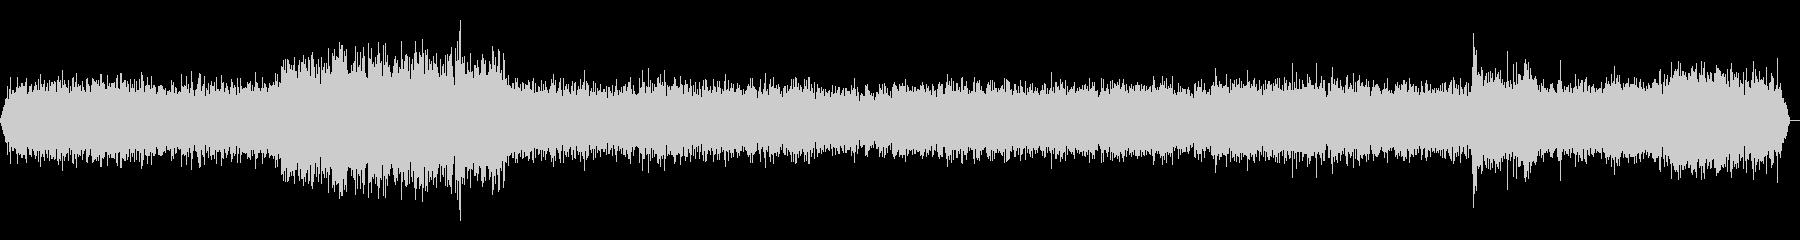 新幹線車内走行音 環境音(バイノーラル)の未再生の波形